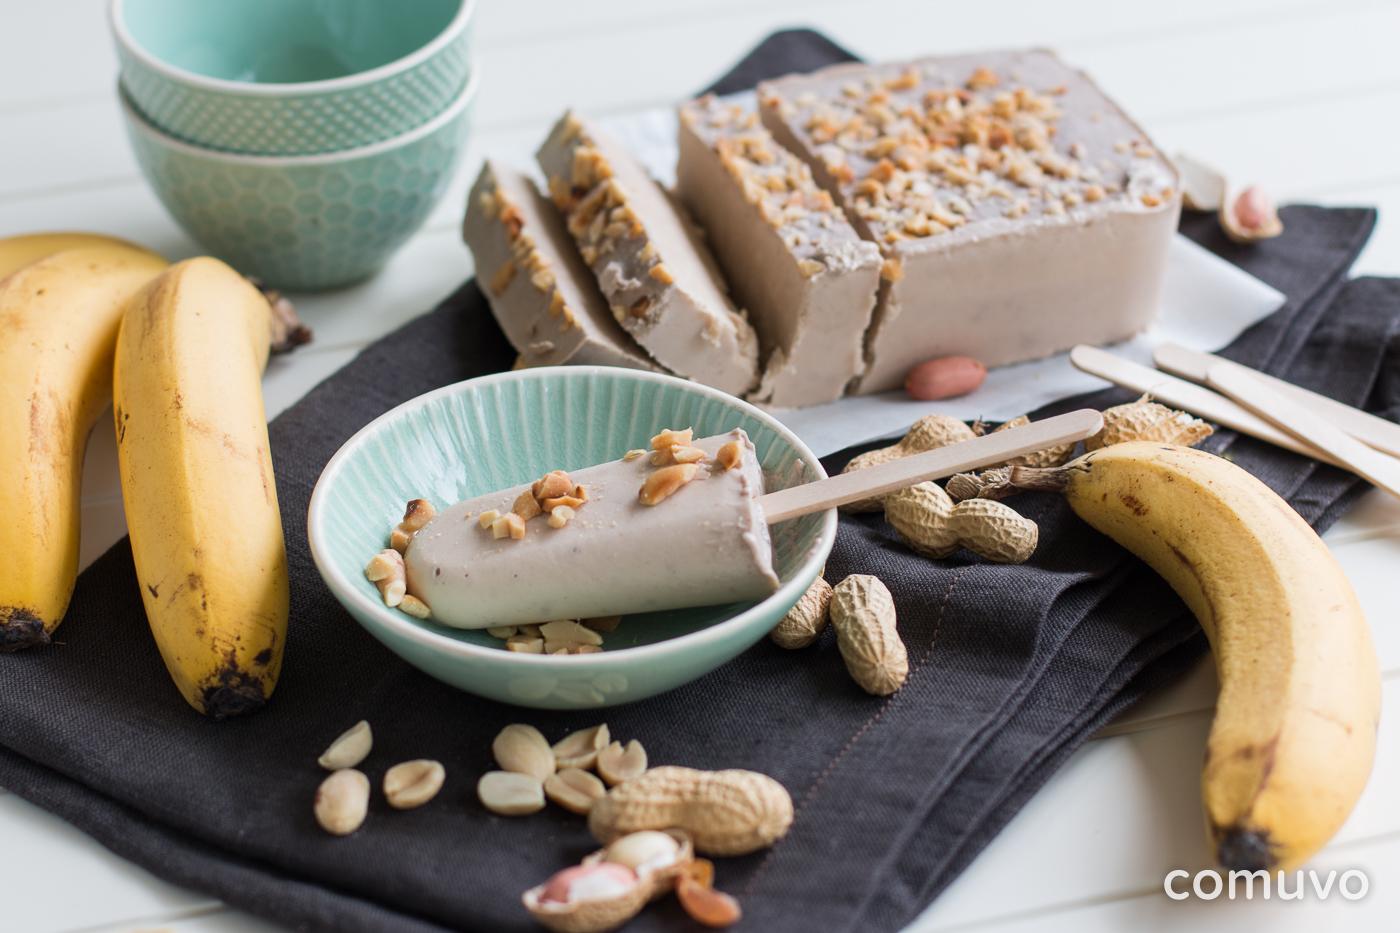 Selbstgemachtes Joghurteis ohne Zucker mit Erdnussmus und Banane | comuvo Blog